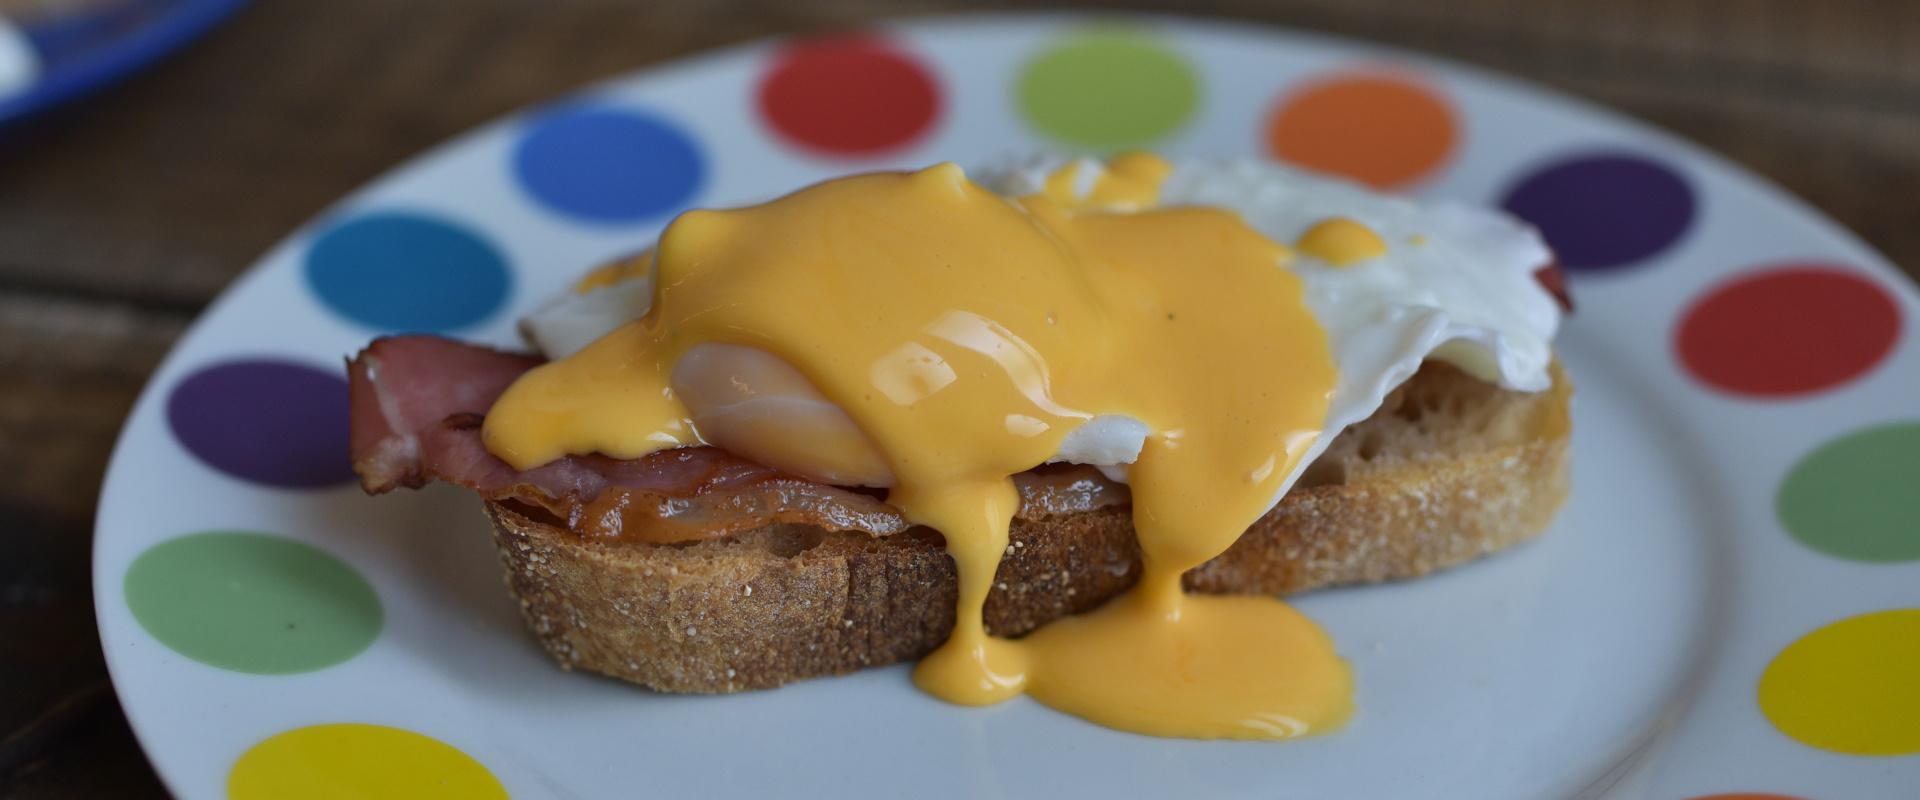 eggs benedict cover